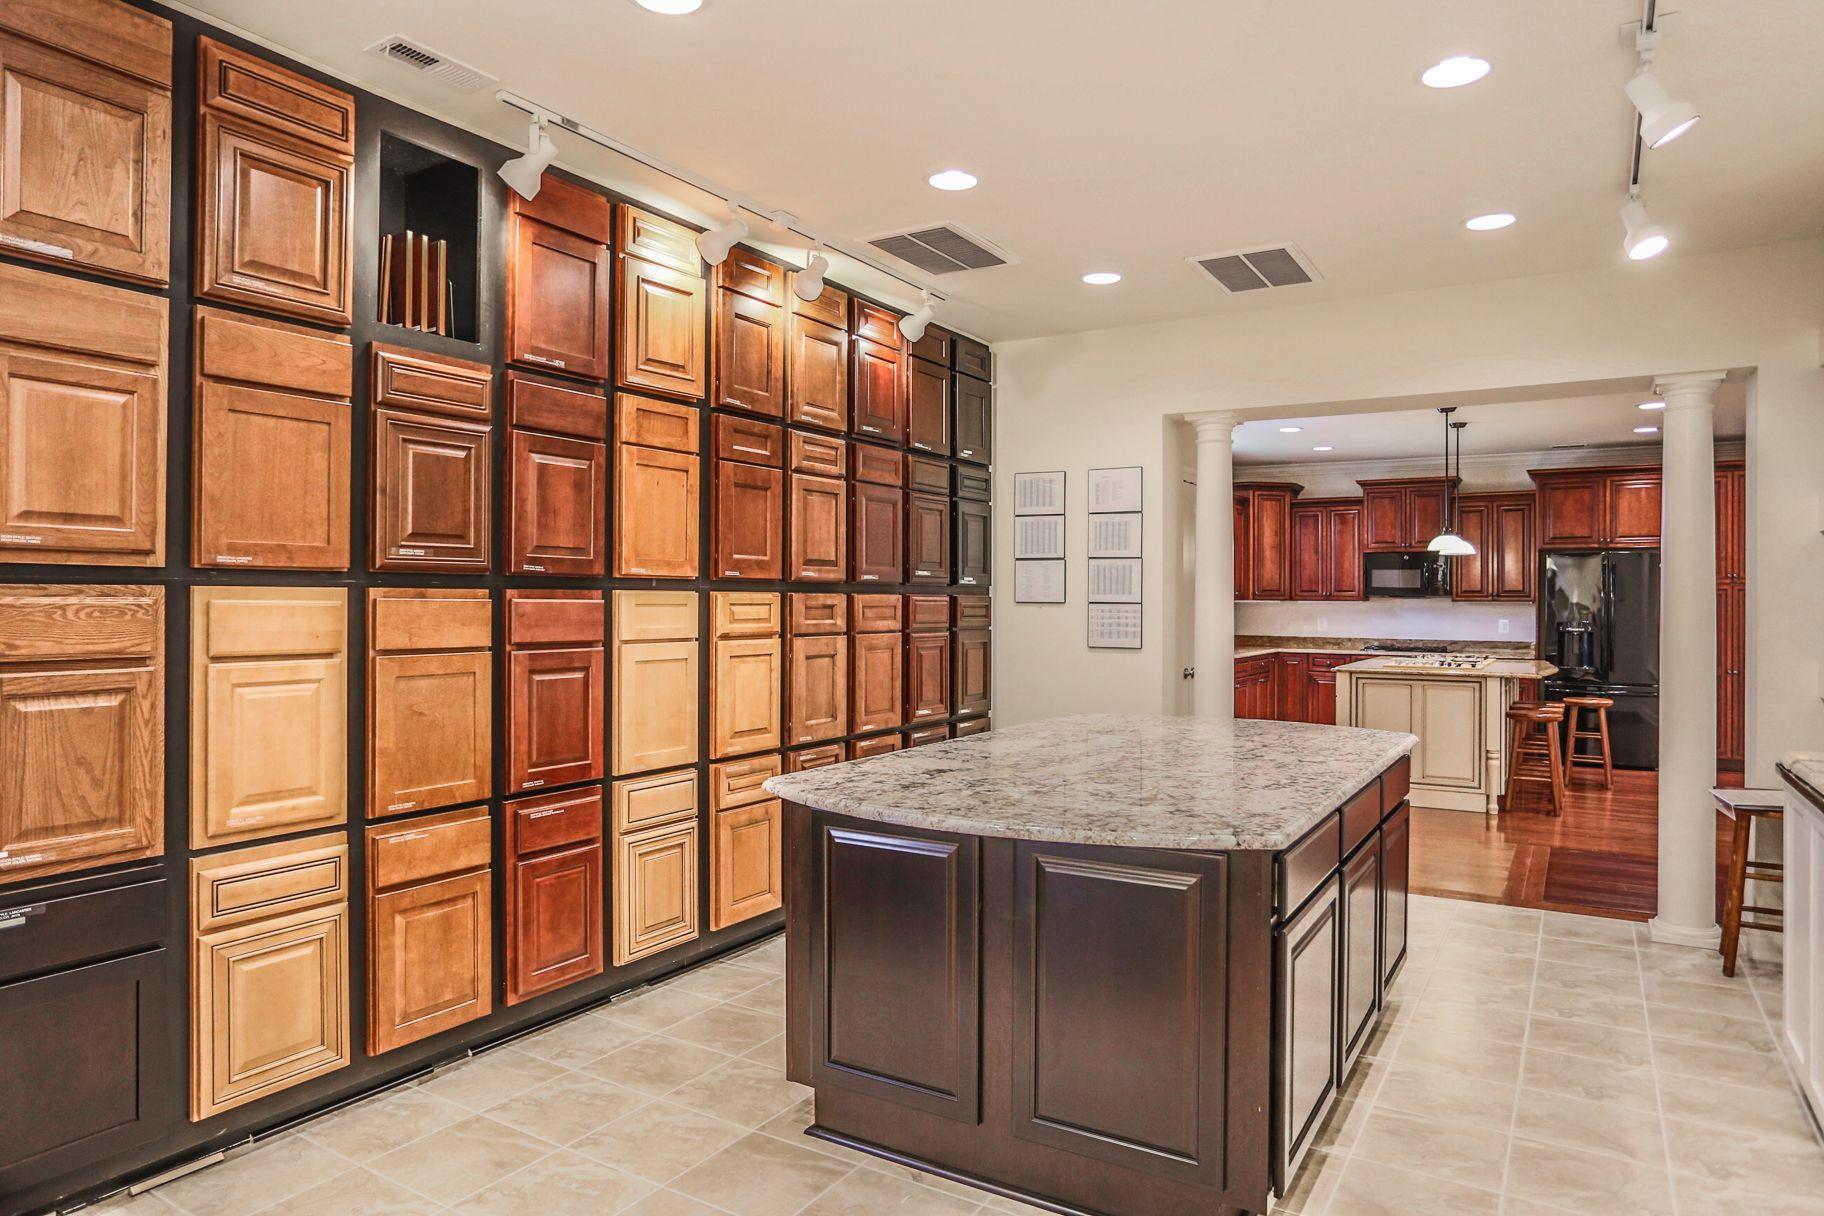 Quality Built Homes New Home Design Information Design Center New Home Designs Design Your Home House Design